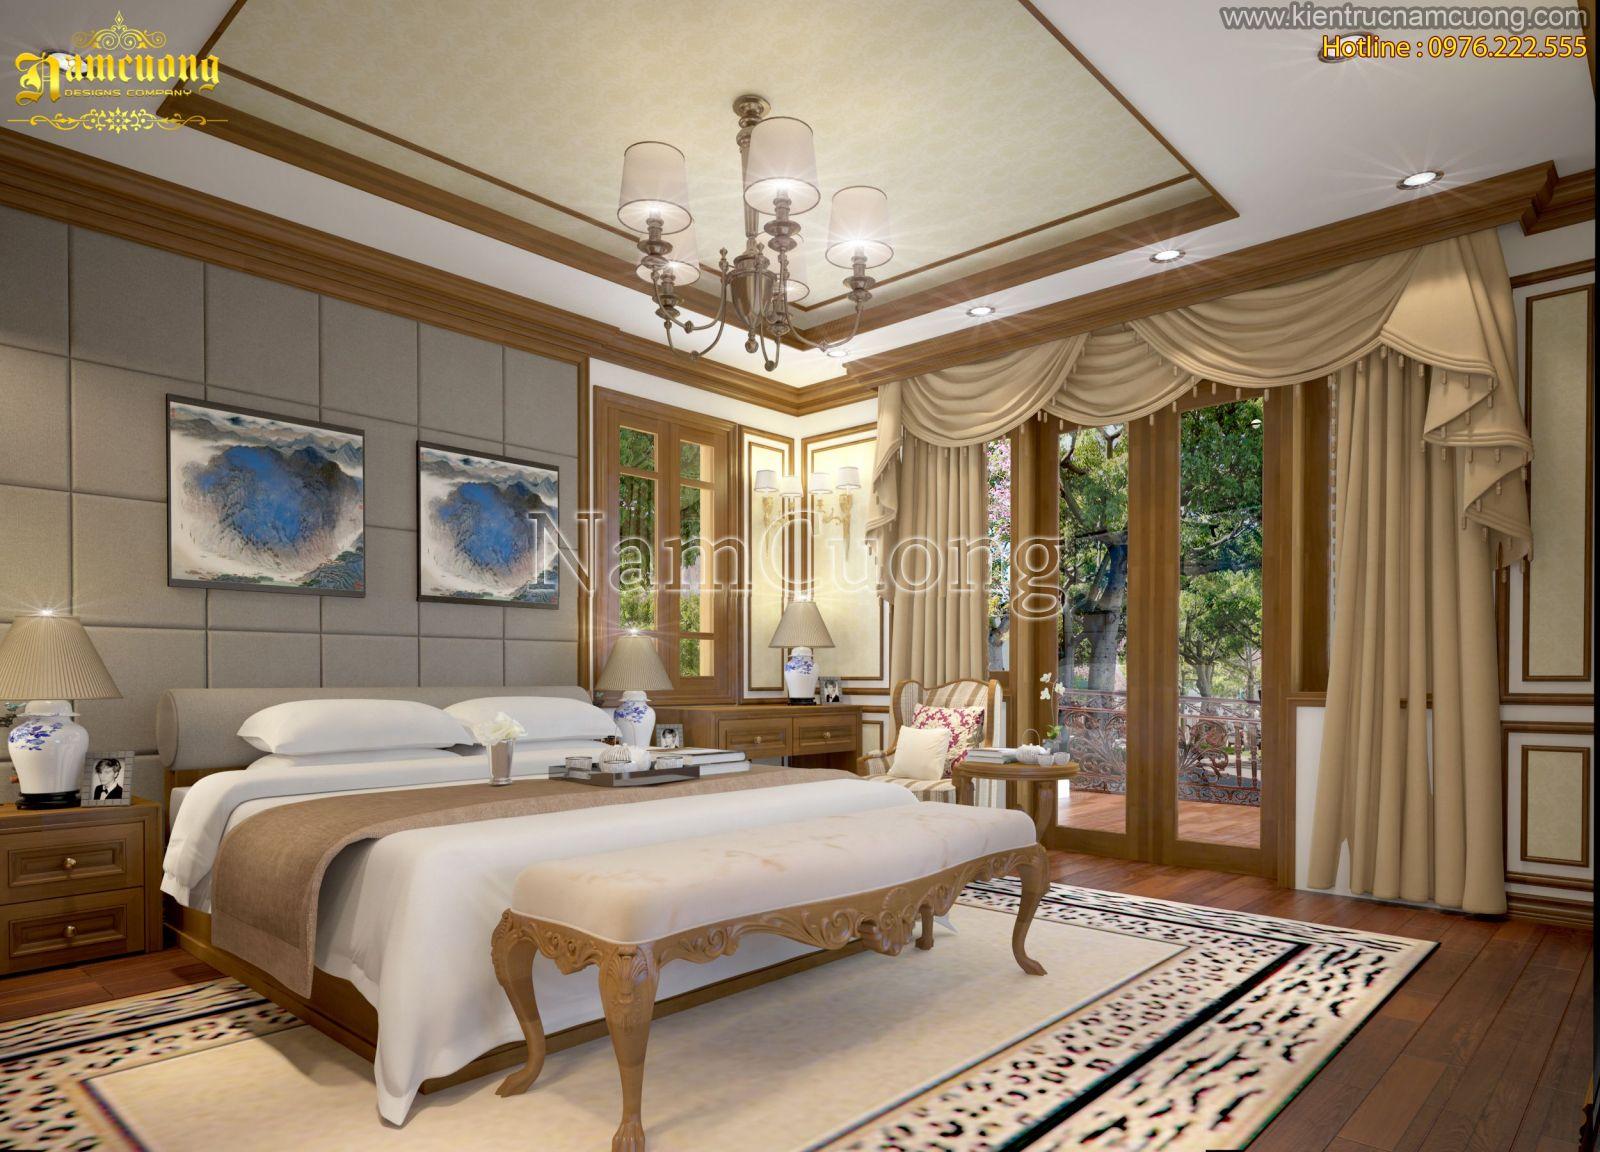 Mẫu phòng ngủ biệt thự tân cổ điển tại Quảng Ninh - NTNTCD 031